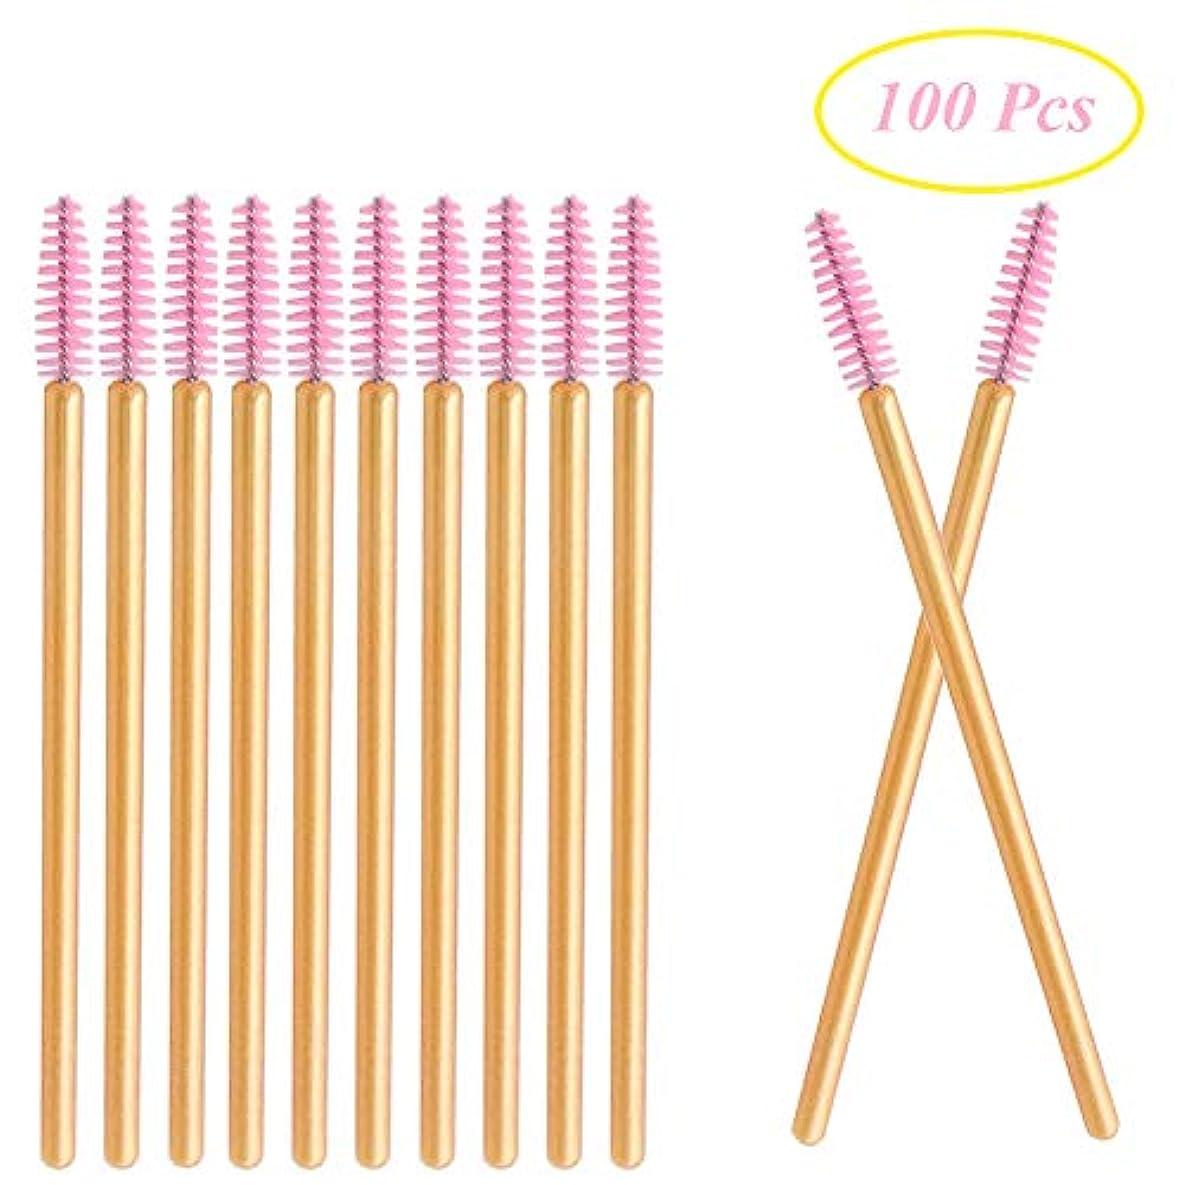 珍味大胆なファントムDeksias 100本金色の竿まつげブラシ 使い捨て スクリューブラシ マスカラブラシ まつげコーム メイクブラシ アイメイク 化粧用品 (ピンク)